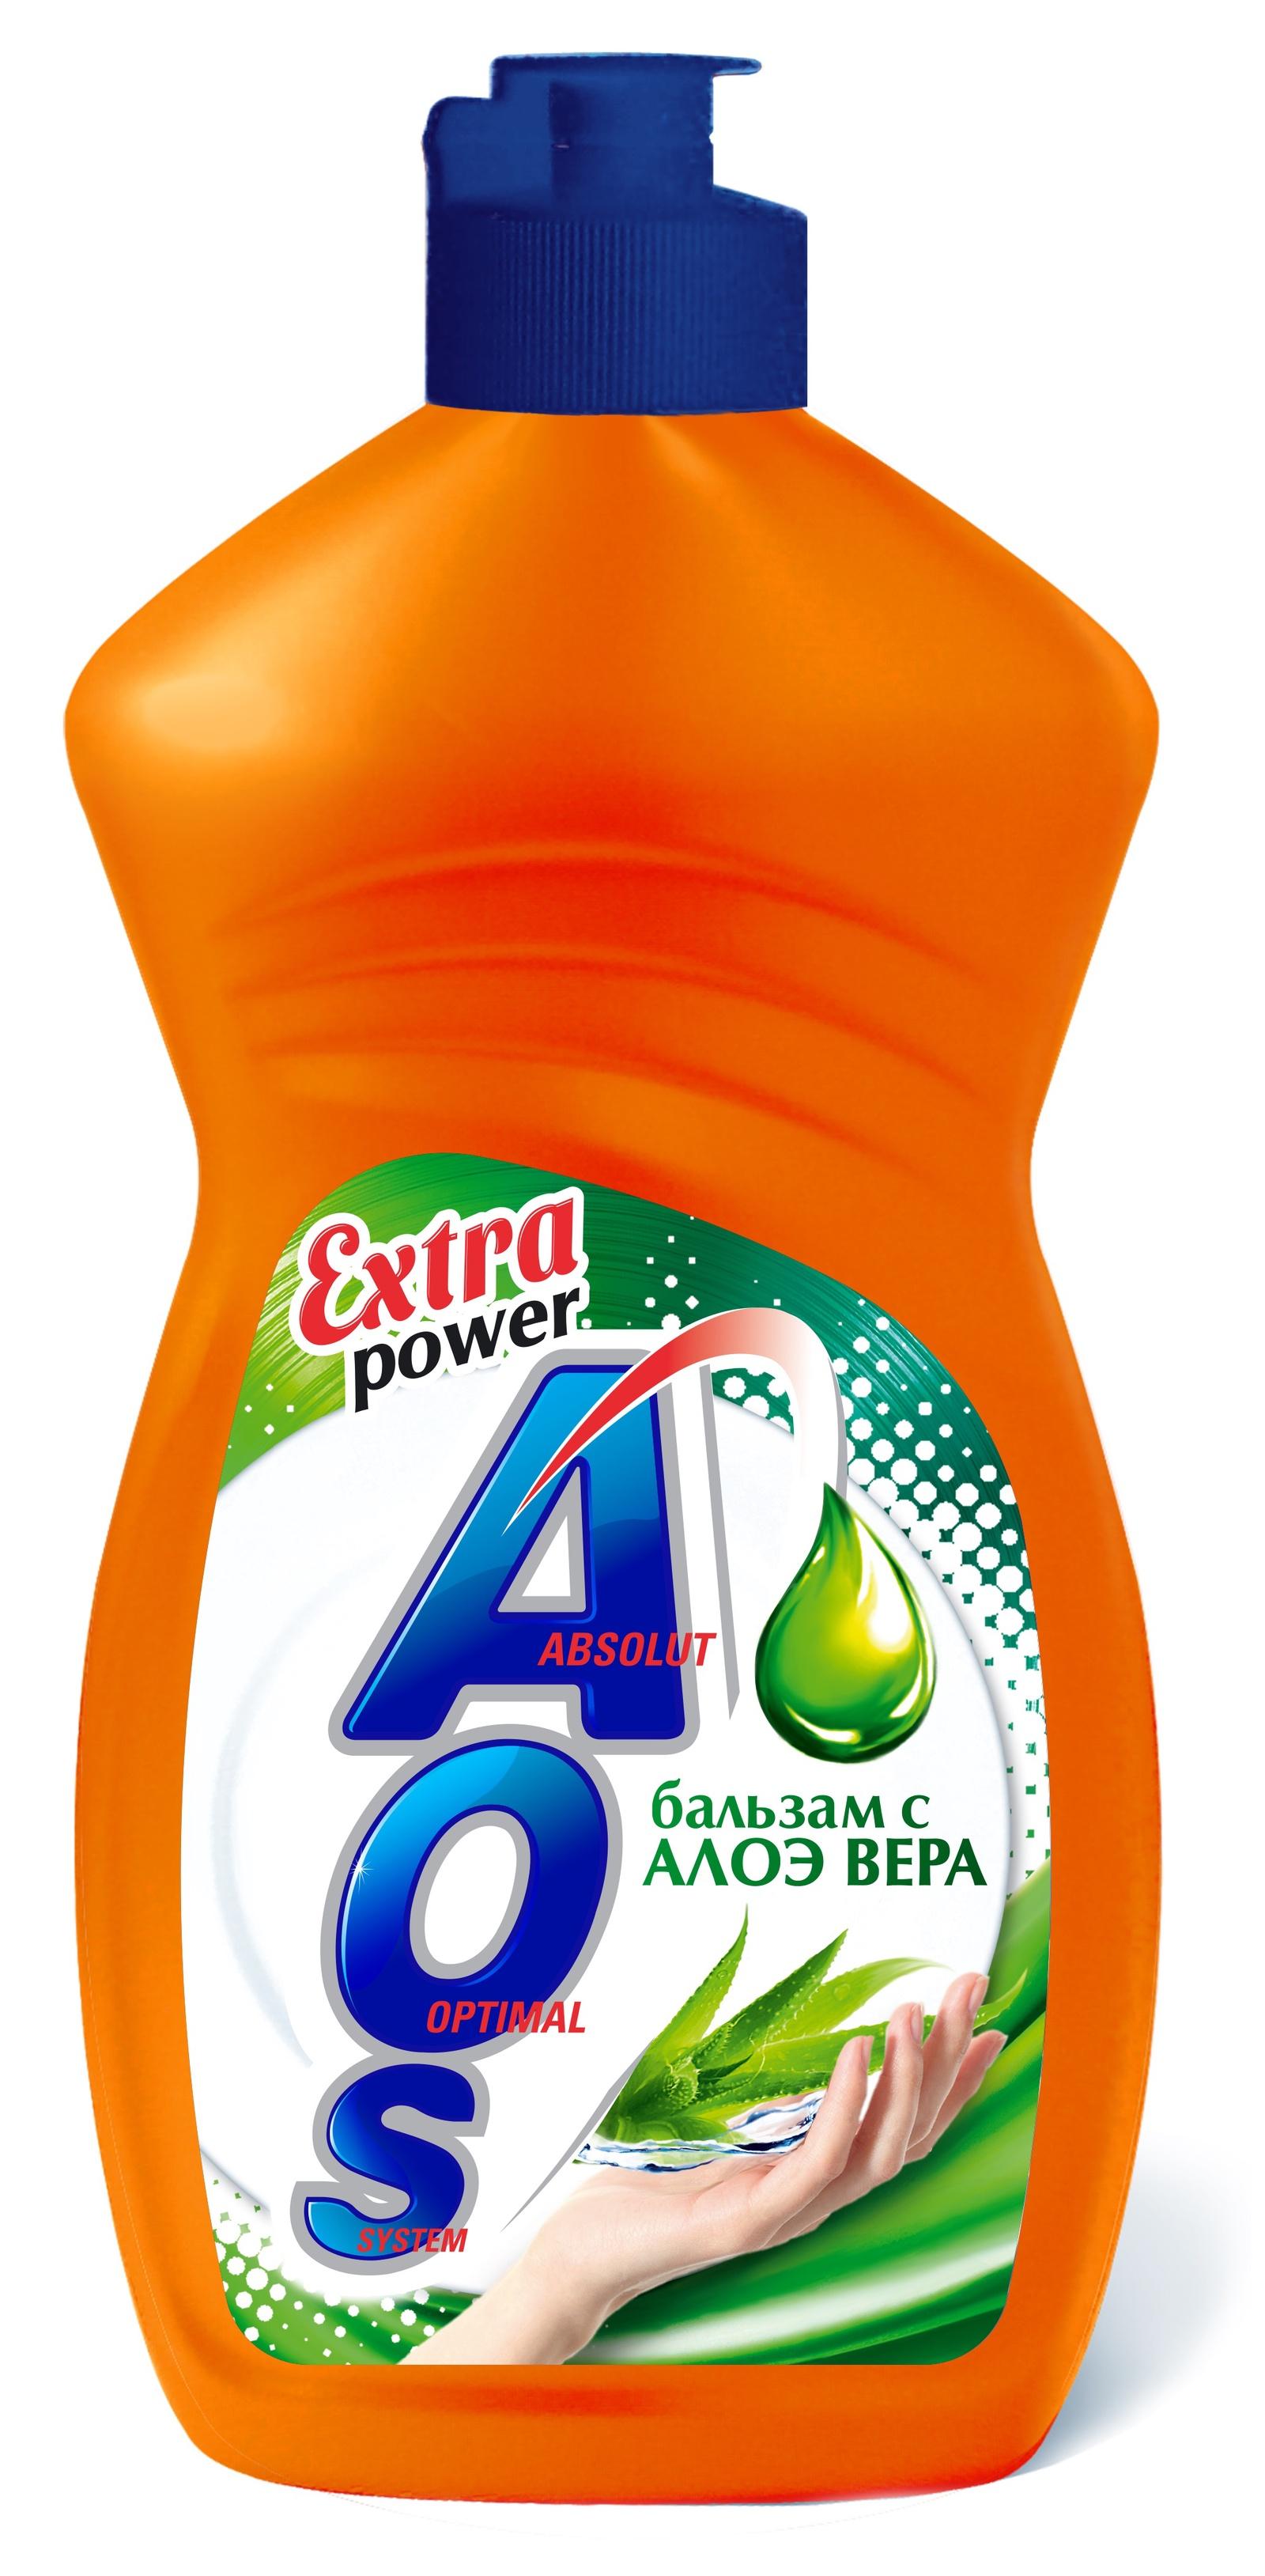 Средство для мытья посуды AOS Бальзам с Алоэ Вера, 1112-3 средство для мытья посуды aos 450 мл бальзам 2в1 в ассорт